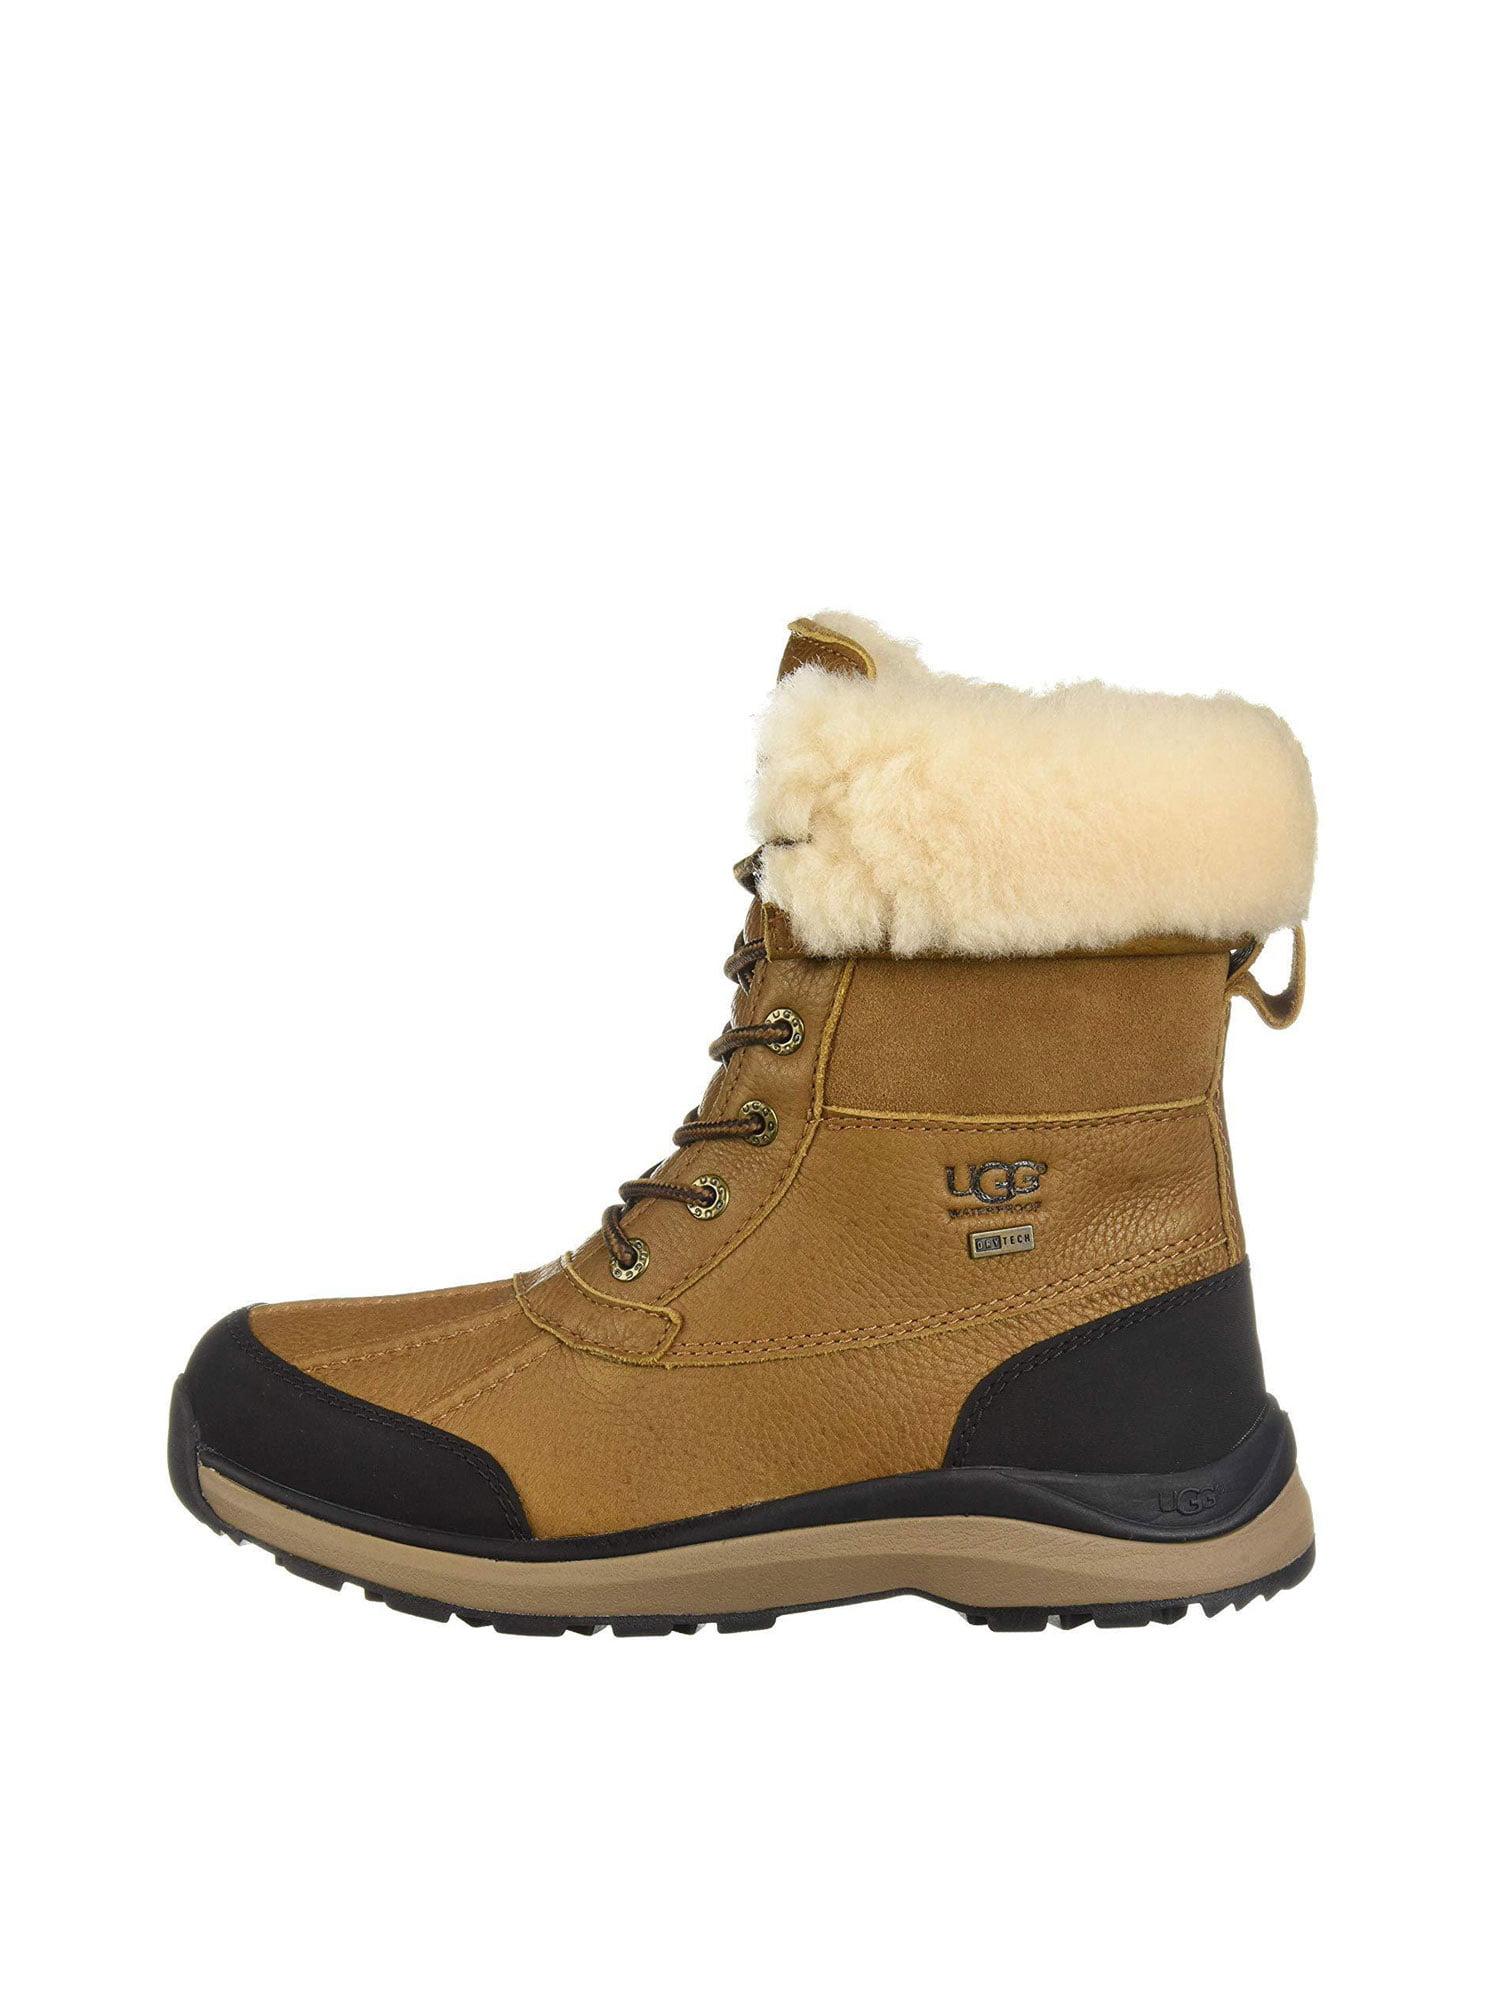 9c86421b127 UGG Adirondack III Women's Leather/Suede Winter Boot 1095141